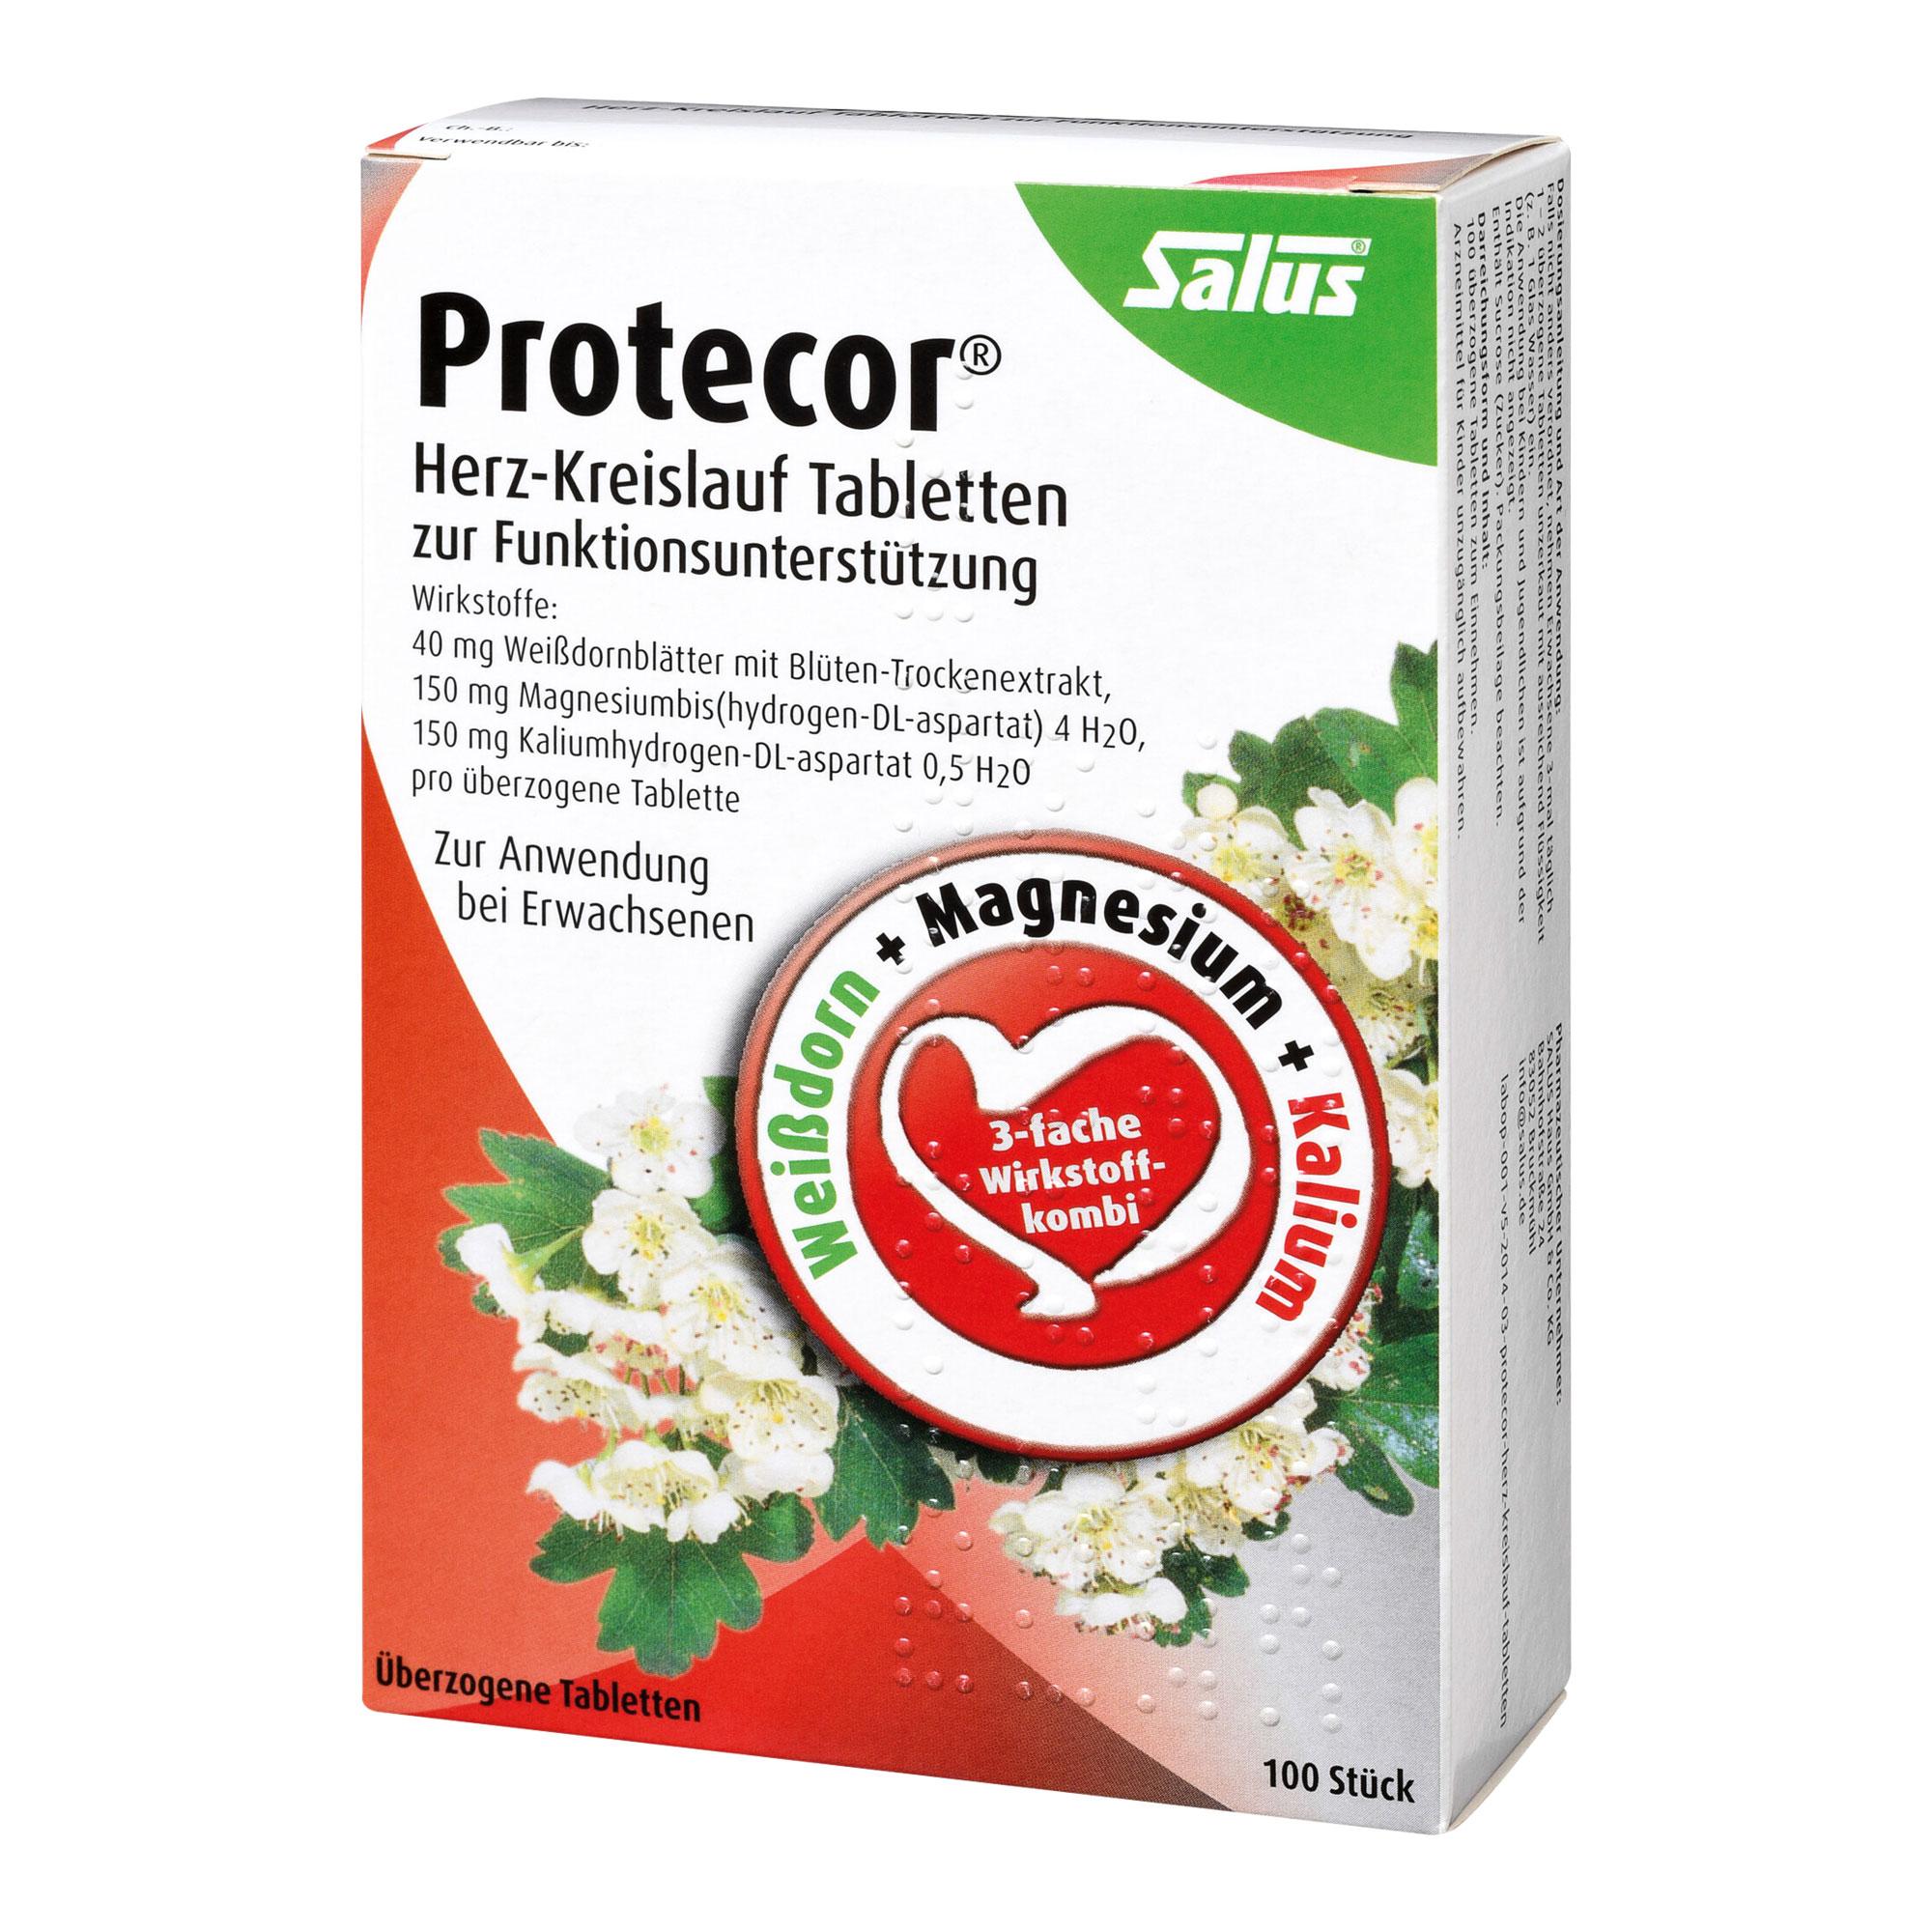 Gesundheit & Wohlbefinden Protecor Herz-Kreislauf-Funktionsunterstützung